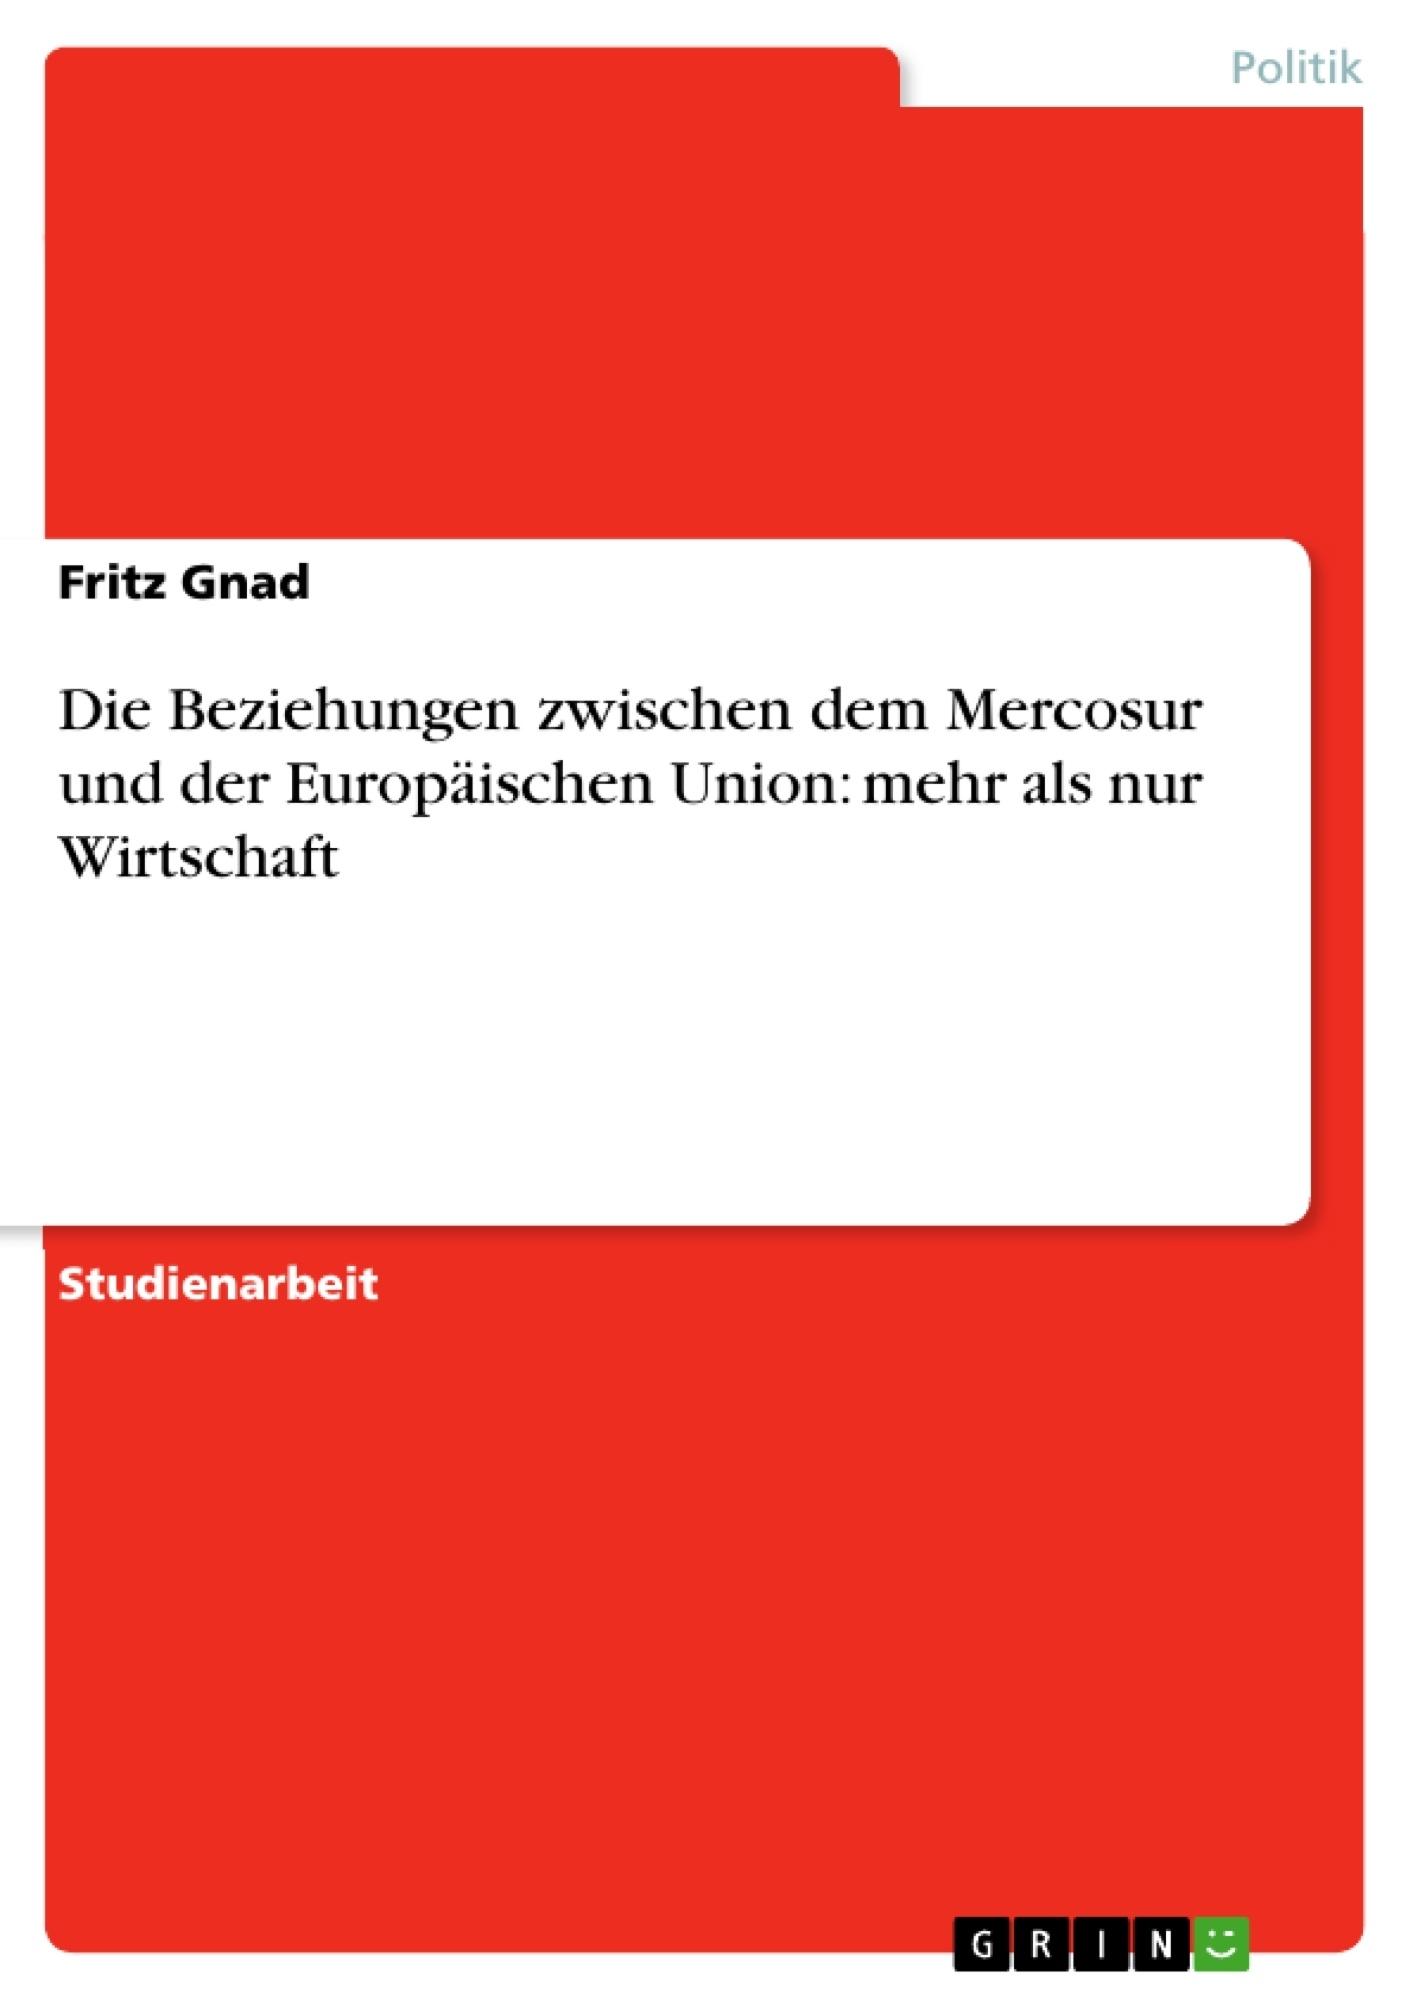 Titel: Die Beziehungen zwischen dem Mercosur und der Europäischen Union: mehr als nur Wirtschaft